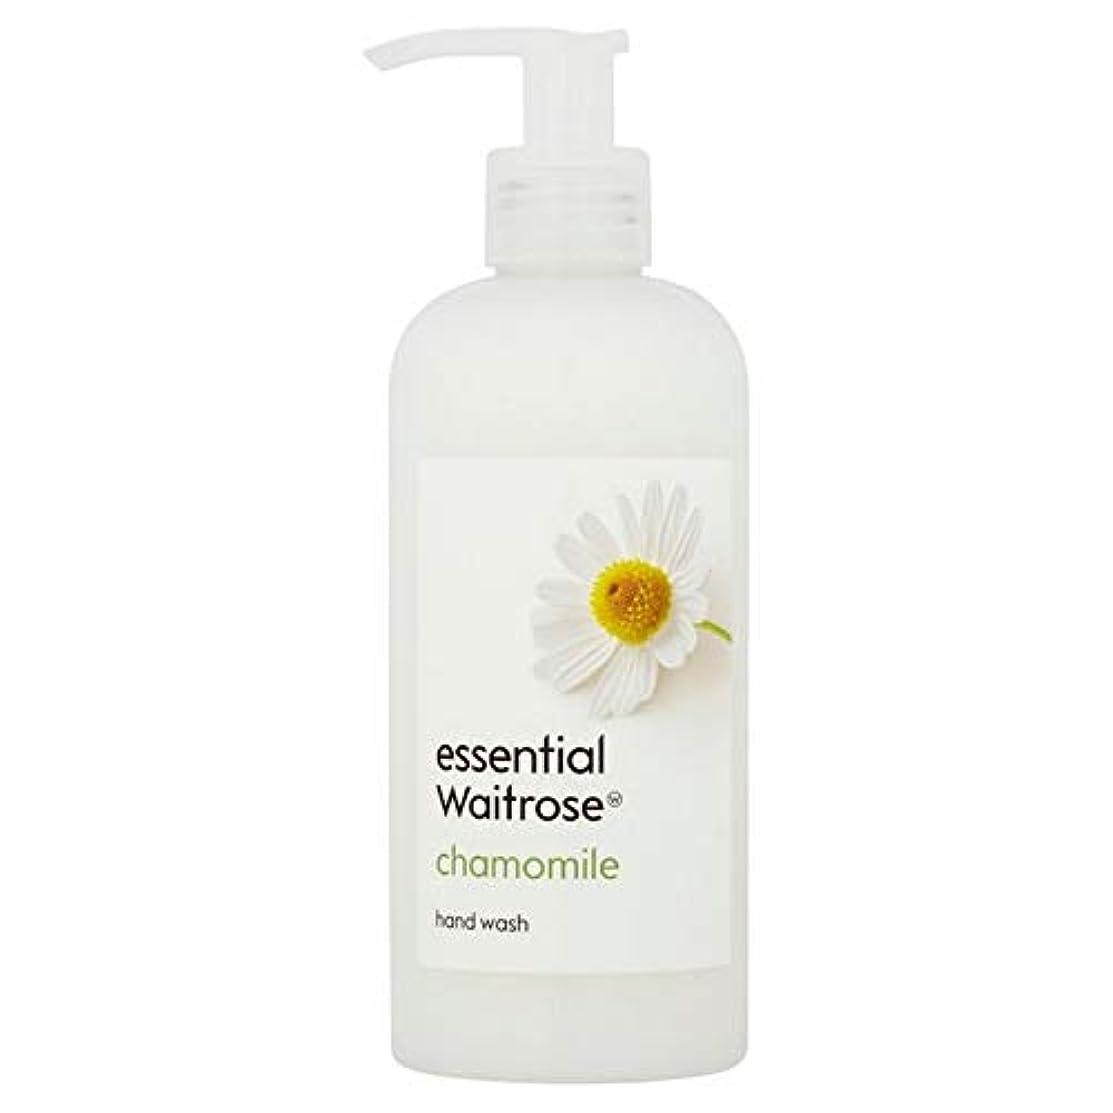 帽子換気する十二[Waitrose ] 基本的なウェイトローズのハンドウォッシュカモミール300ミリリットル - Essential Waitrose Hand Wash Chamomile 300ml [並行輸入品]